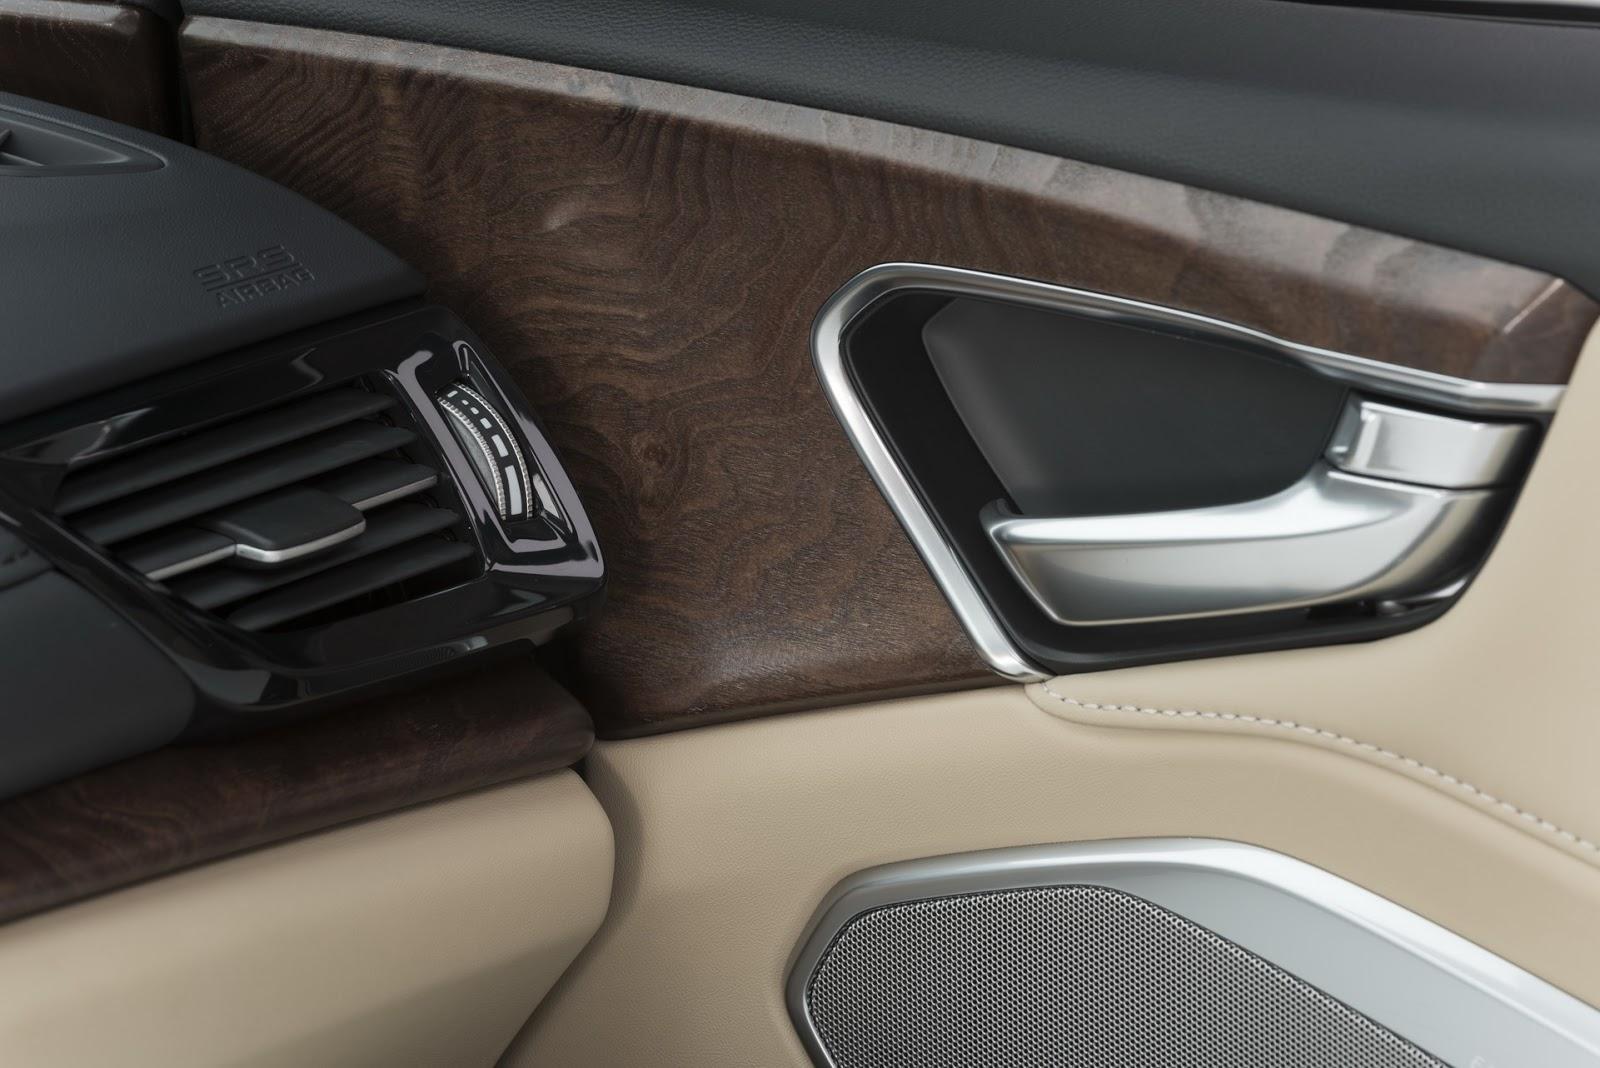 2019-Acura-RDX-27.jpg